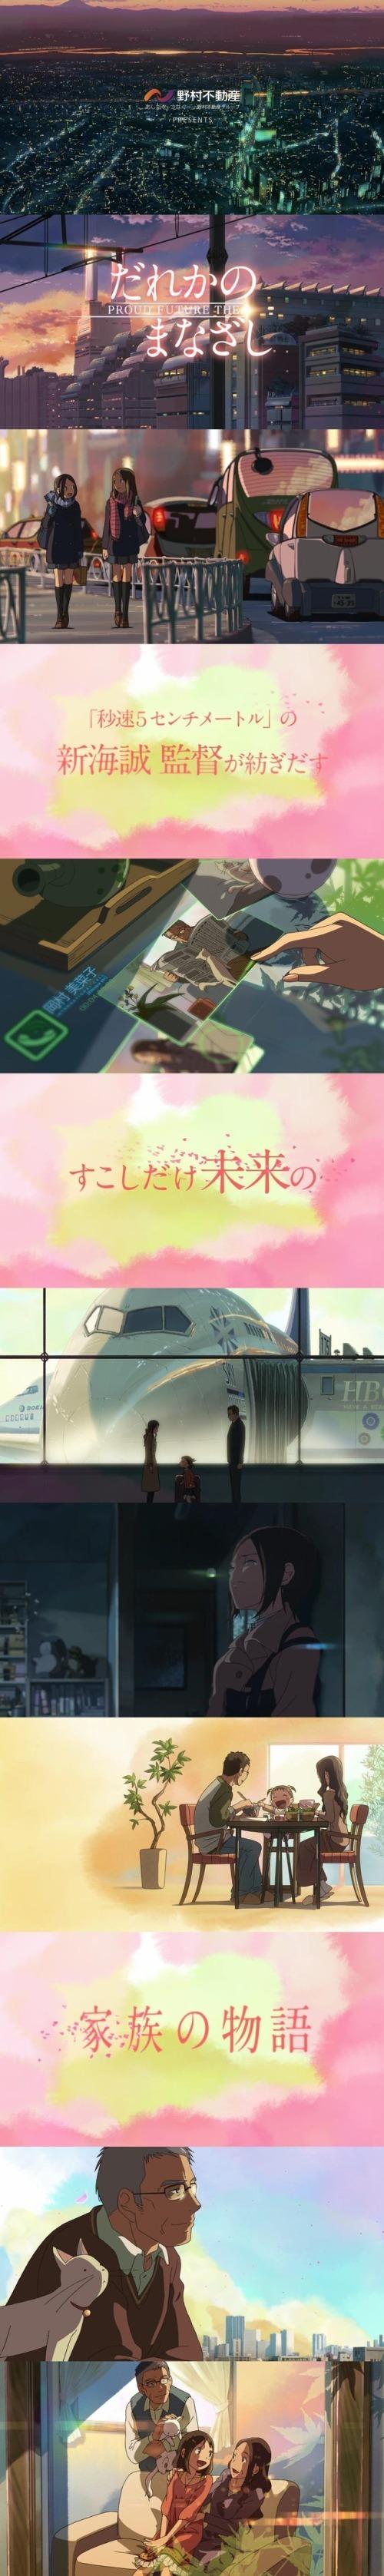 新海诚为房地产公司拍摄宣传动画《谁的目光》